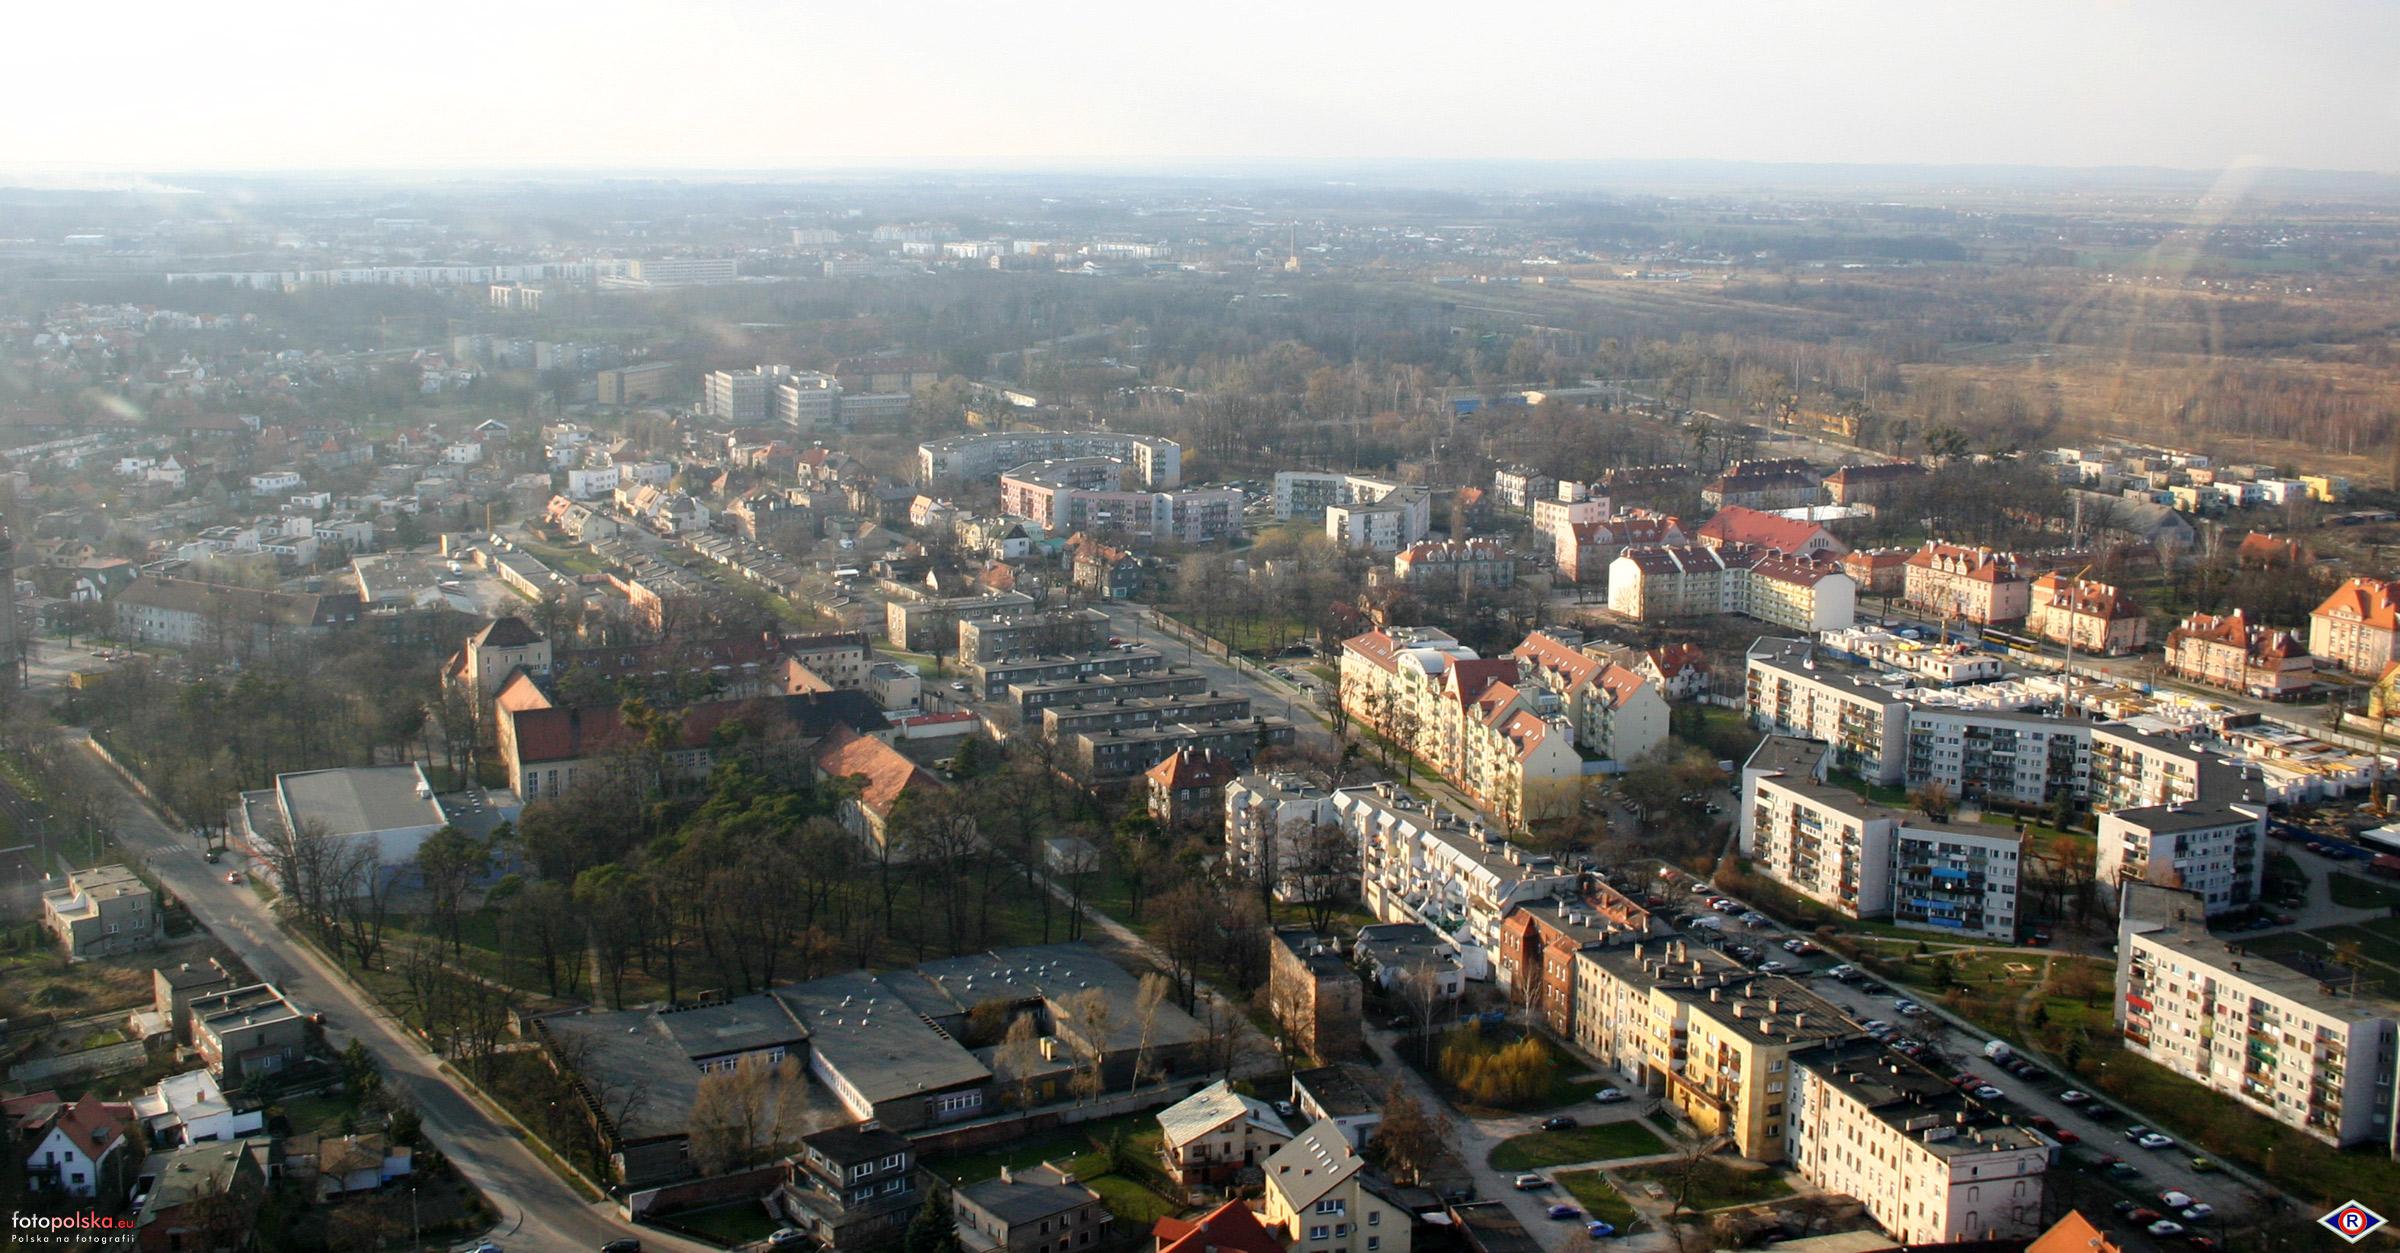 Zdjecia_lotnicze_-_Karlowice_364300_Fotopolska-Eu